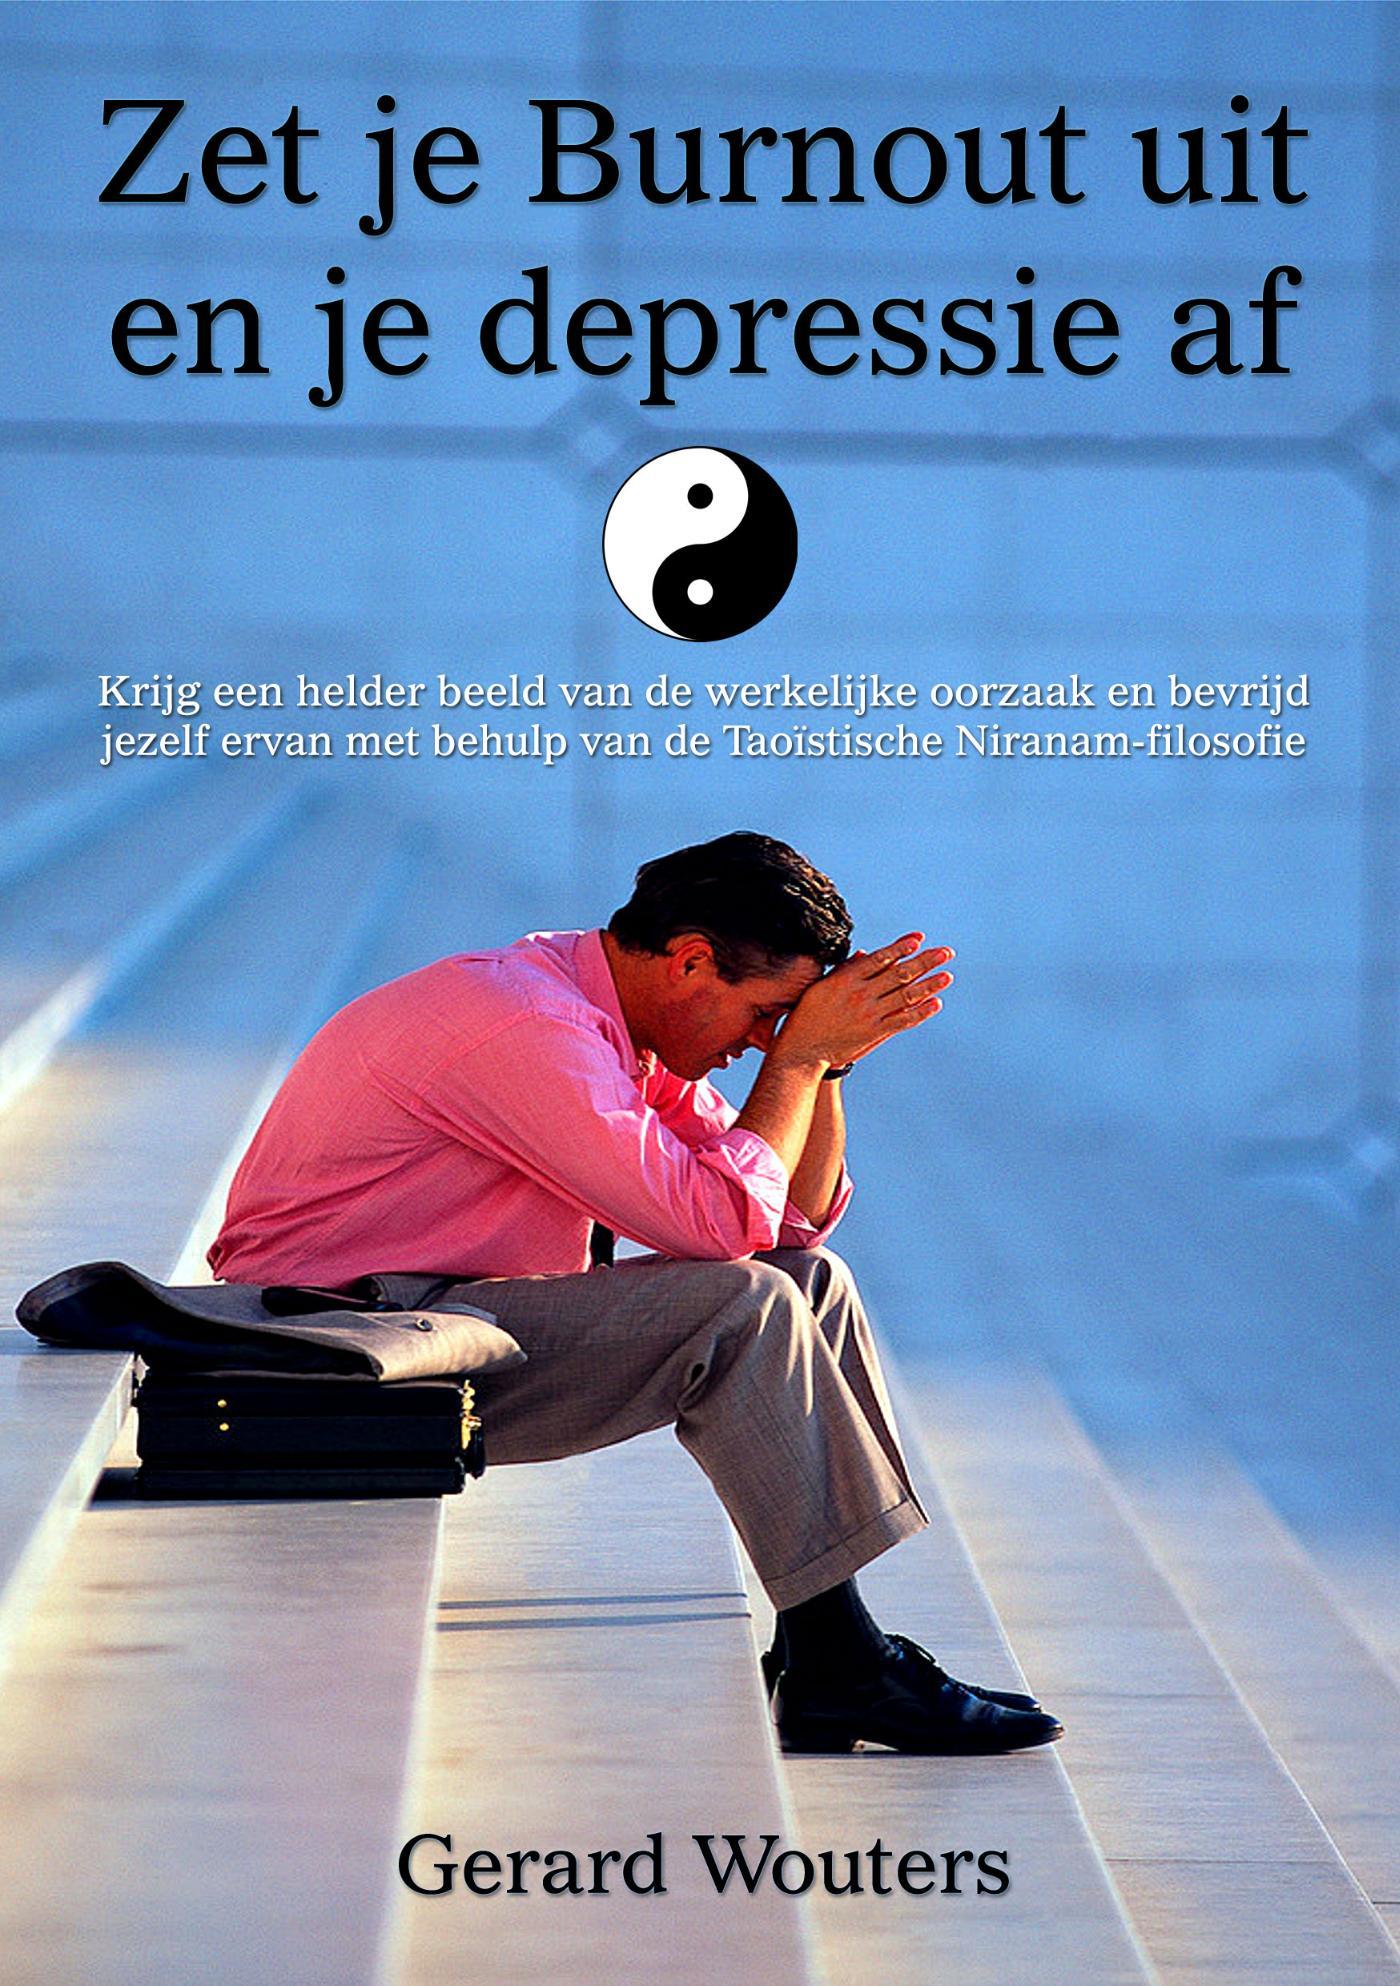 Zet je burnout uit en je depressie af